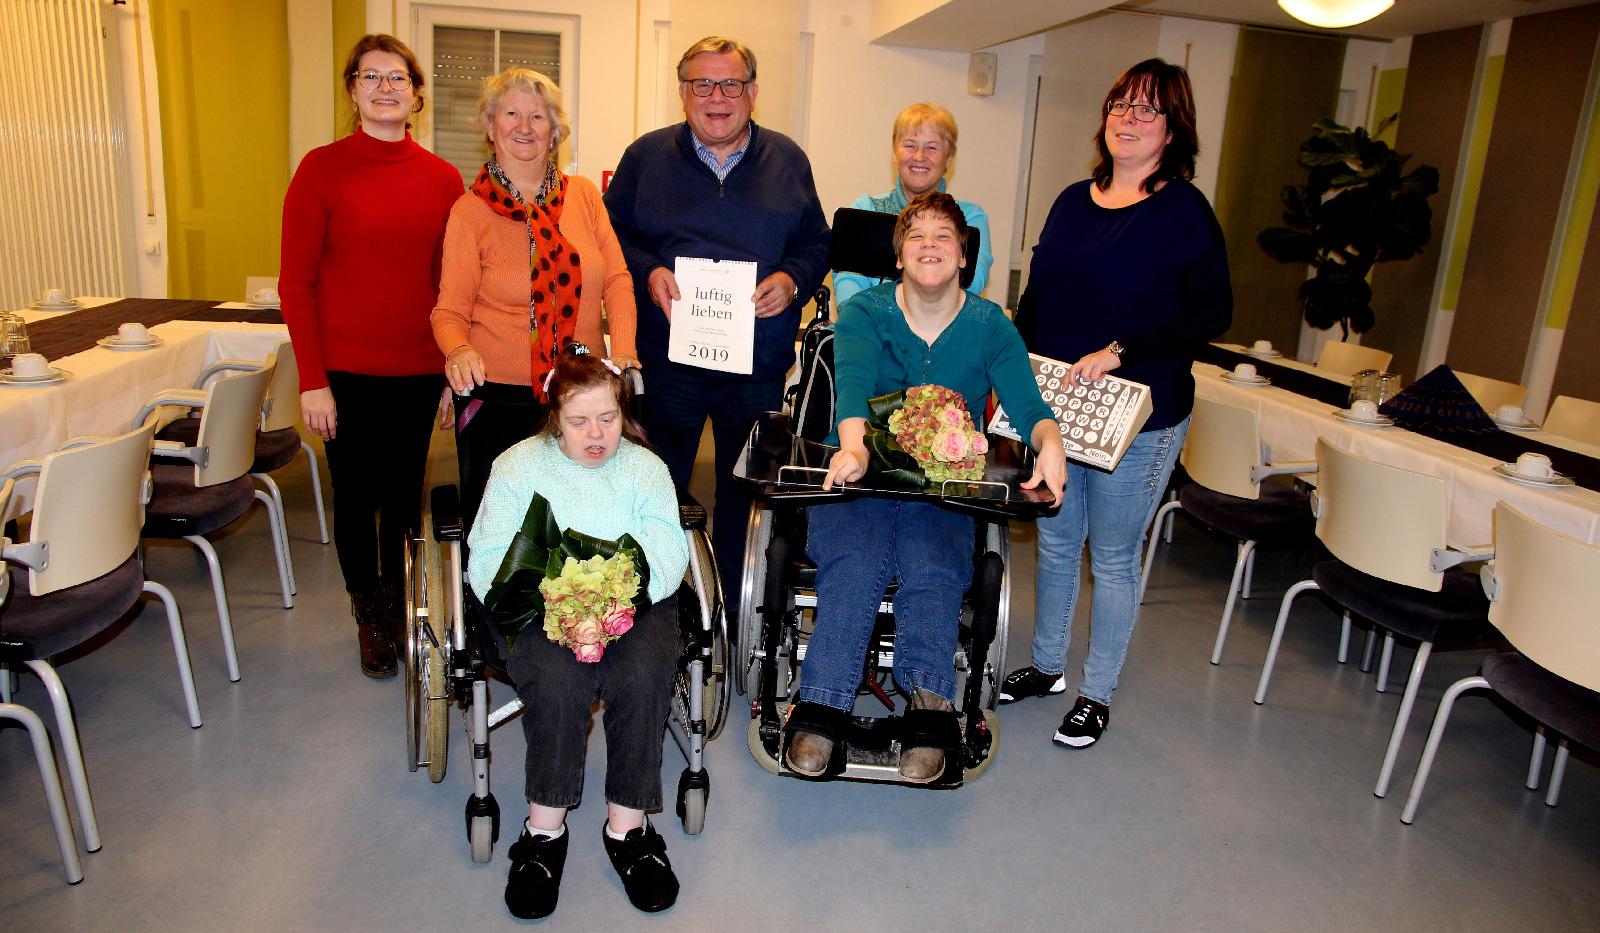 Erfolgreich mit Luft und Liebe ... Katrin Chrupala und Tanja Hopf heimsten Literaturpreise bei Wortfinder-Wettbewerb ein. John beglückwünschte die Preisträgerinnen im Namen der Lebenshilfe-Famlie.